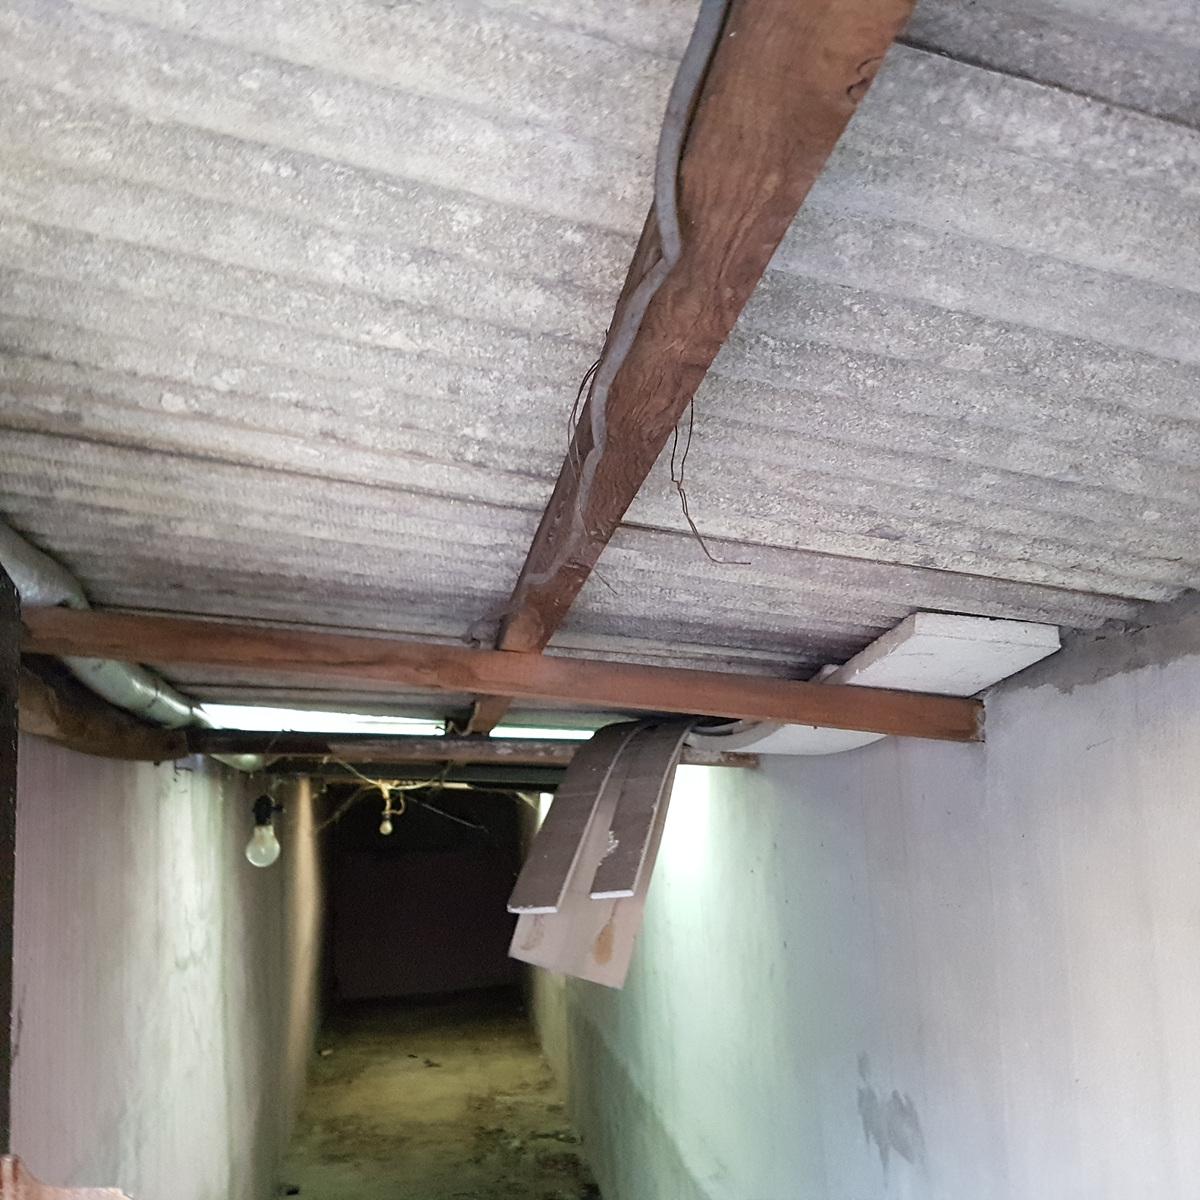 7 번째 사진 판매시설 에  연면적117 ㎡ 부산광역시 해운대구 우동 천장 텍스 및 지붕 슬레이트 철거에 관한 석면조사